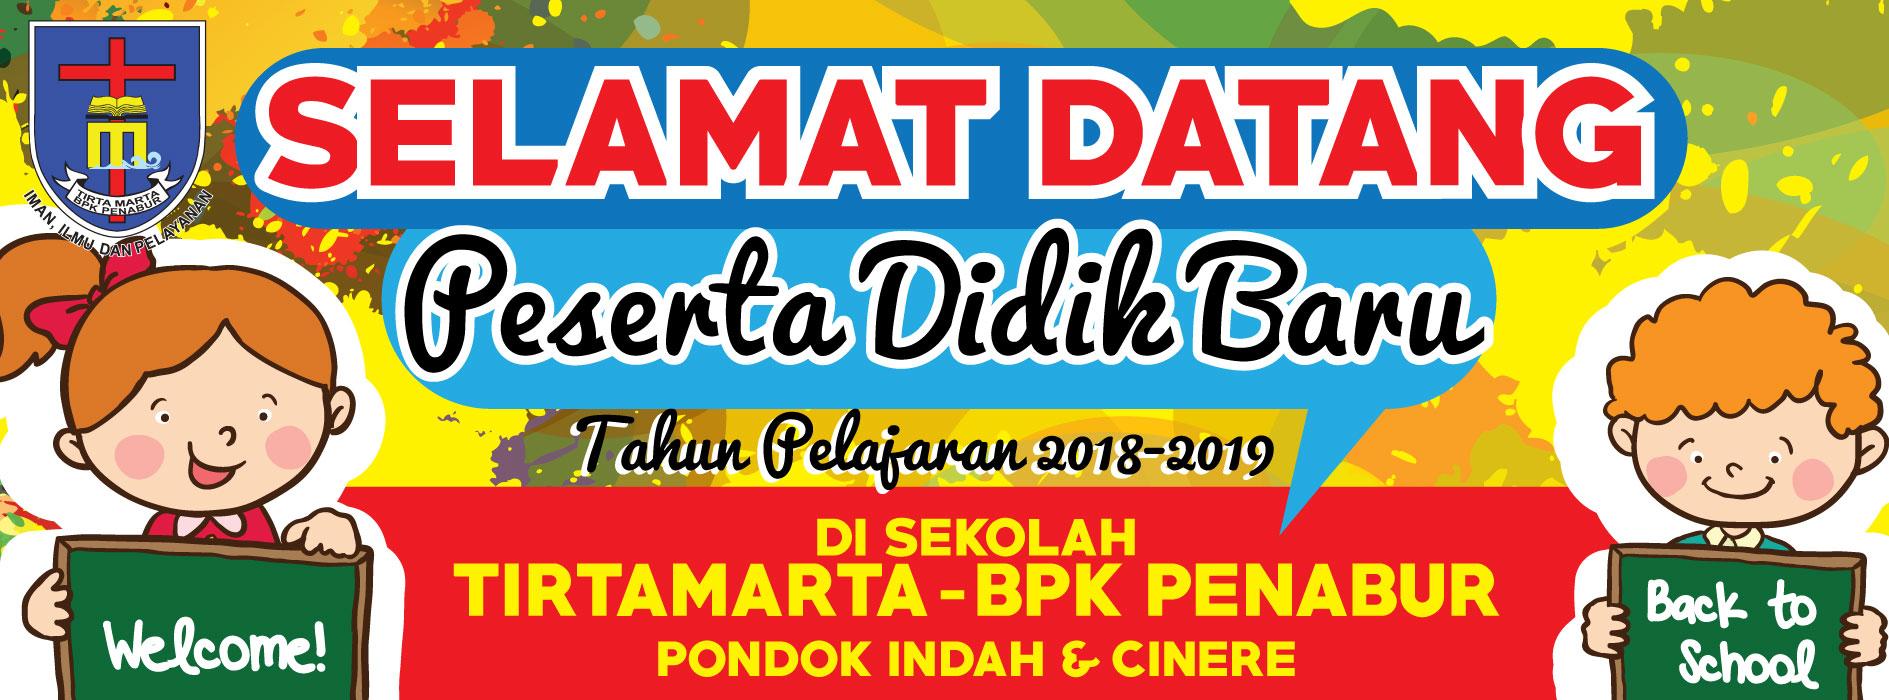 SELAMAT DATANG PESERTA DIDIK BARU SEKOLAH TIRTAMARTA BPK PENABUR PONDOK INDAH CINERE 2018 2019